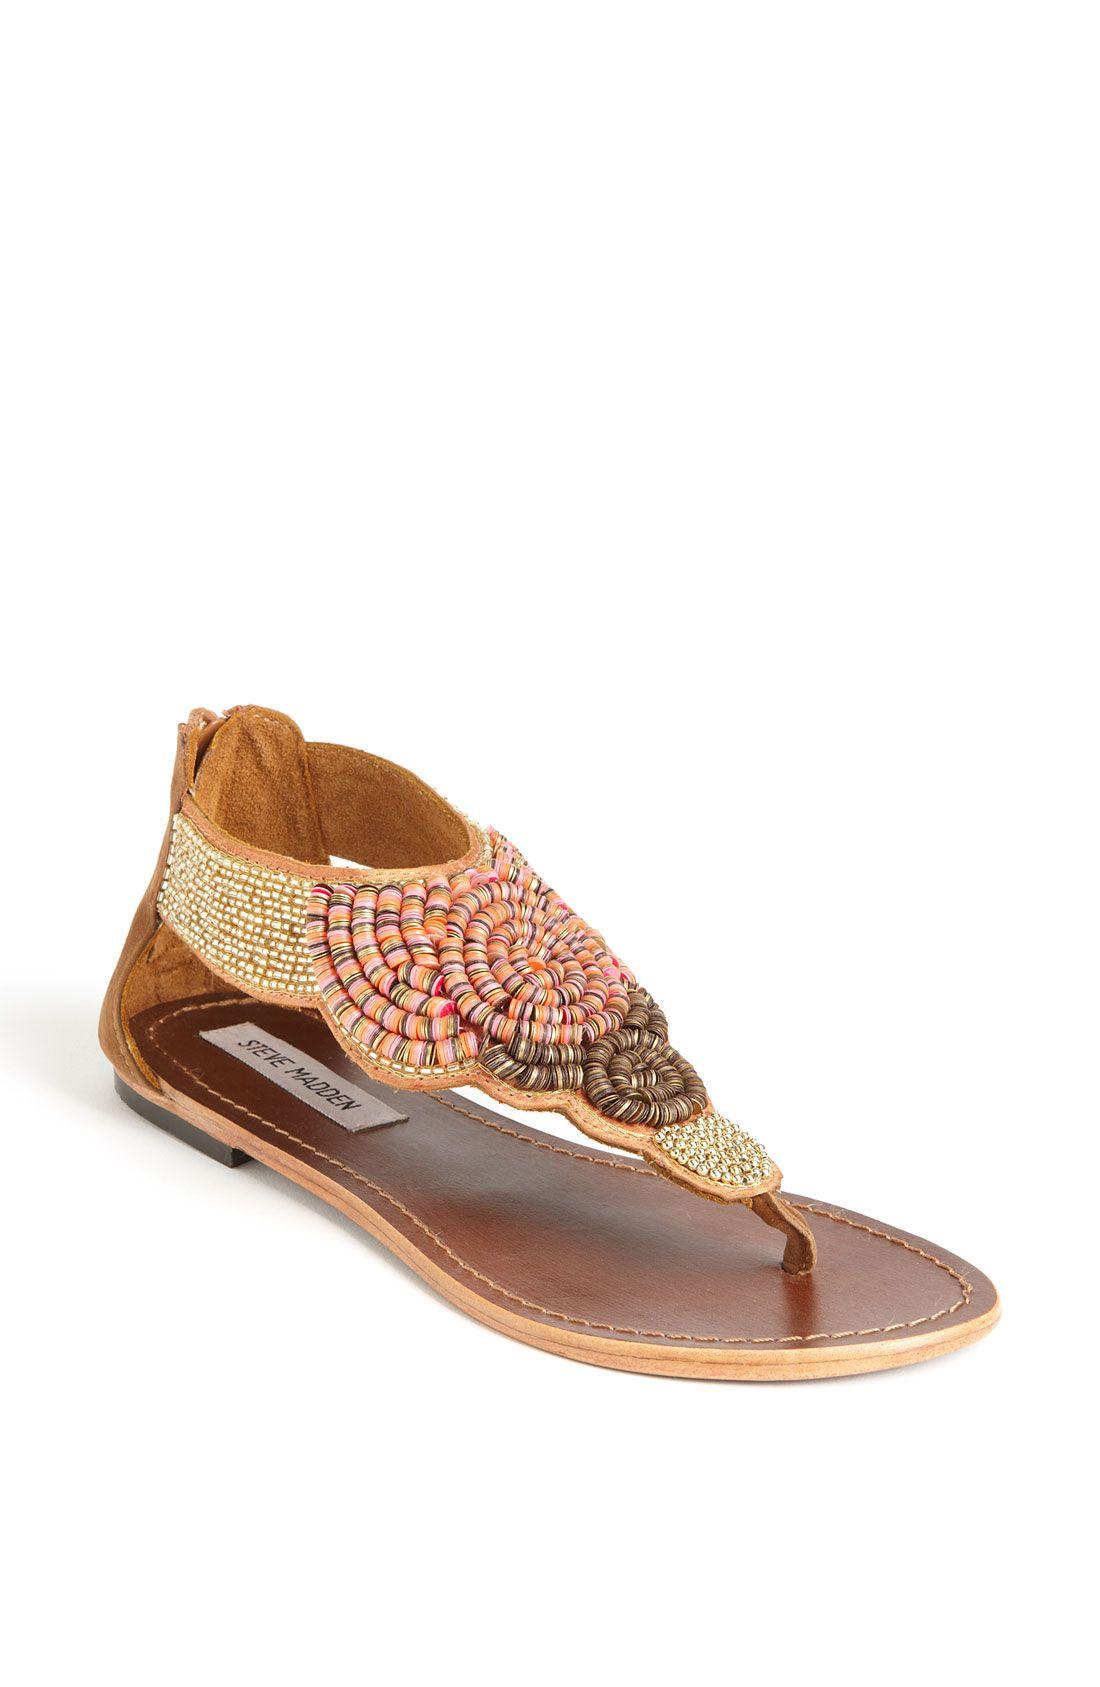 Steve Madden 'Pharroh' Sandal | Brudesko, Støvler og Sko